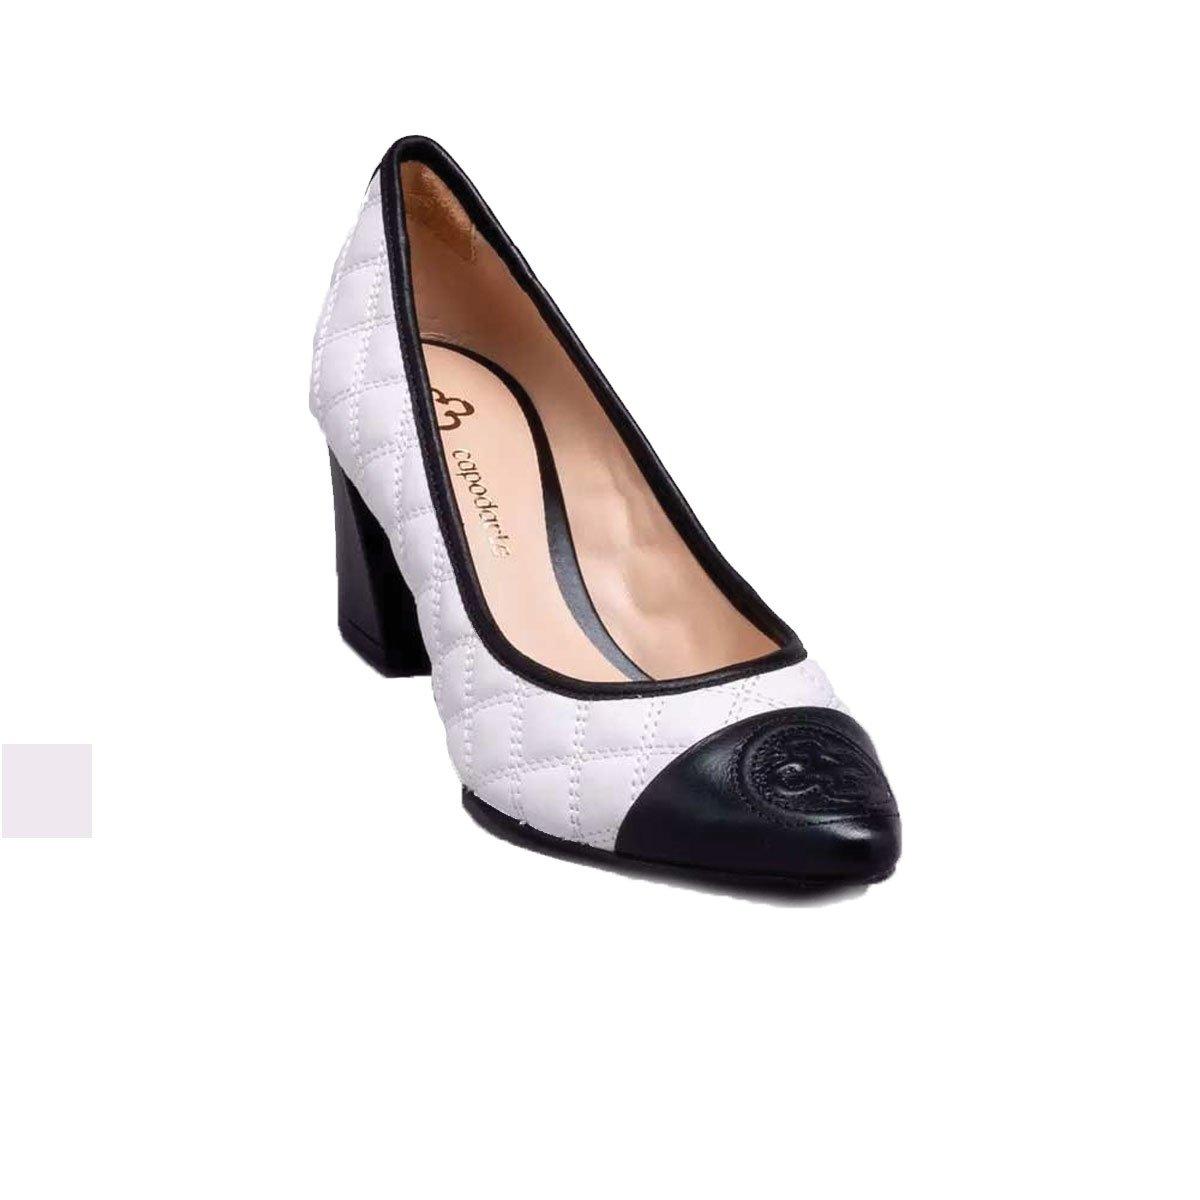 330c8f62124 Sapato Scarpin Capodarte Salto Bloco Bicolor Branco - MM Concept